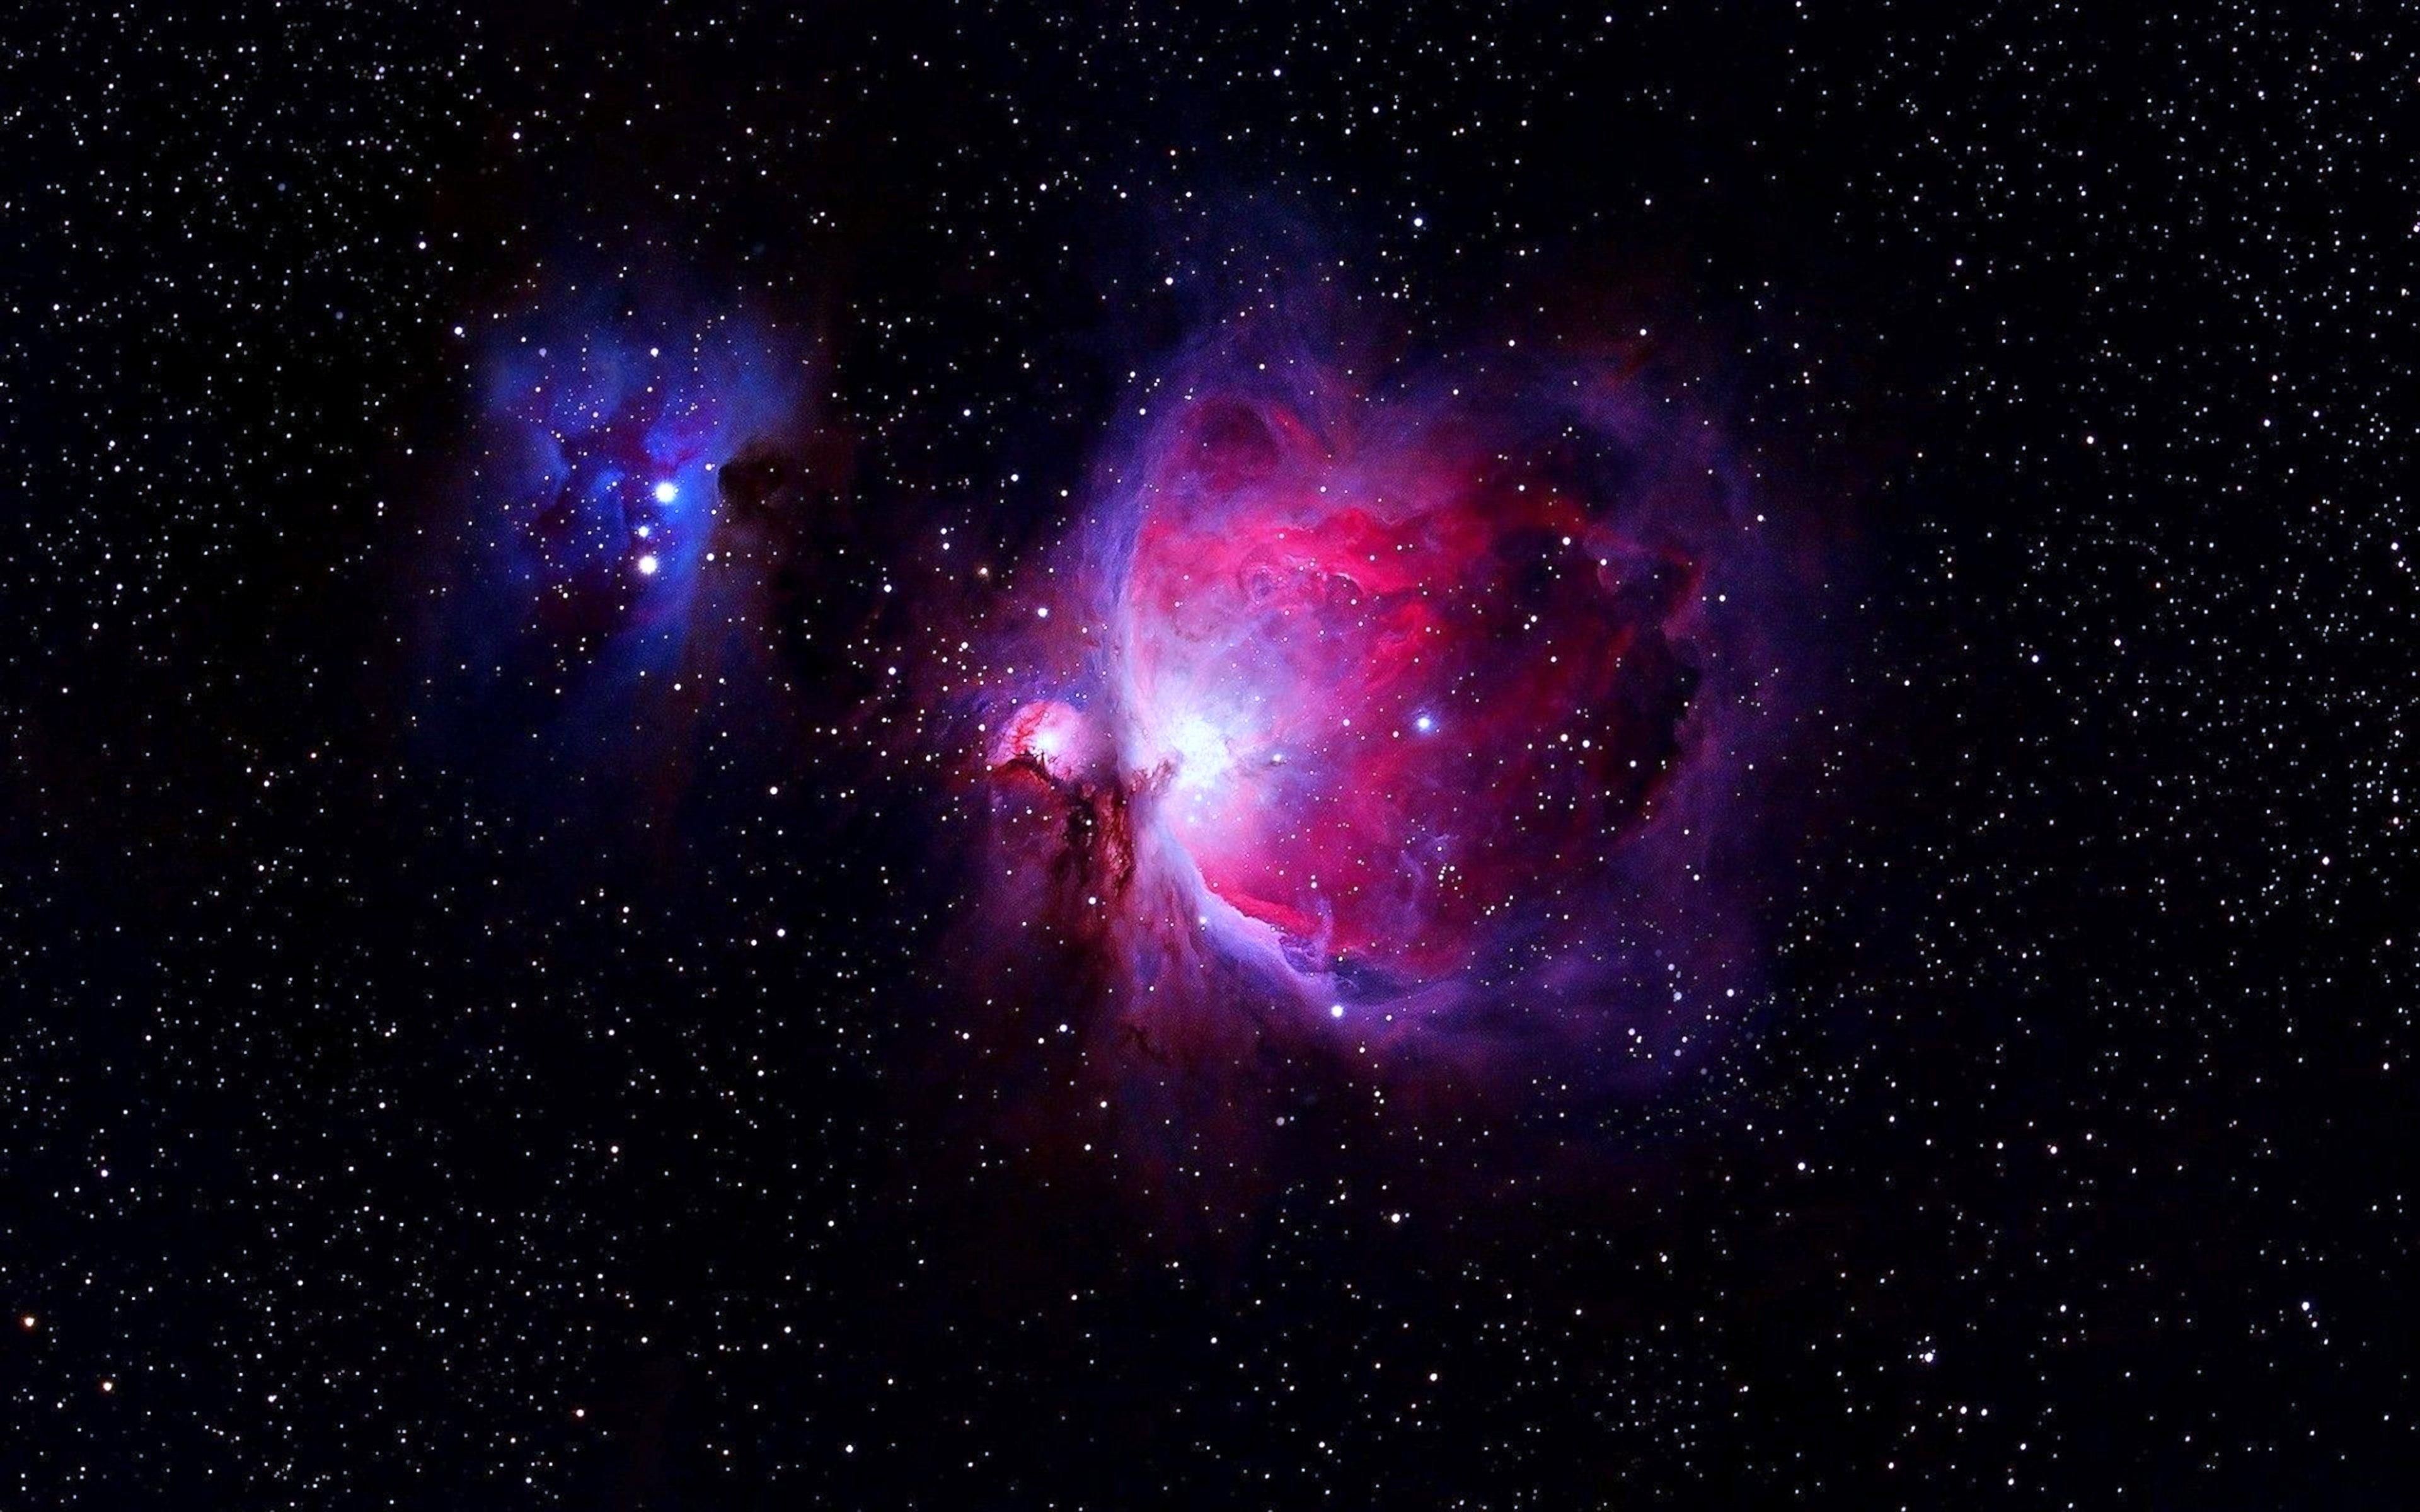 pink nebula galaxy space wallpaper - photo #14